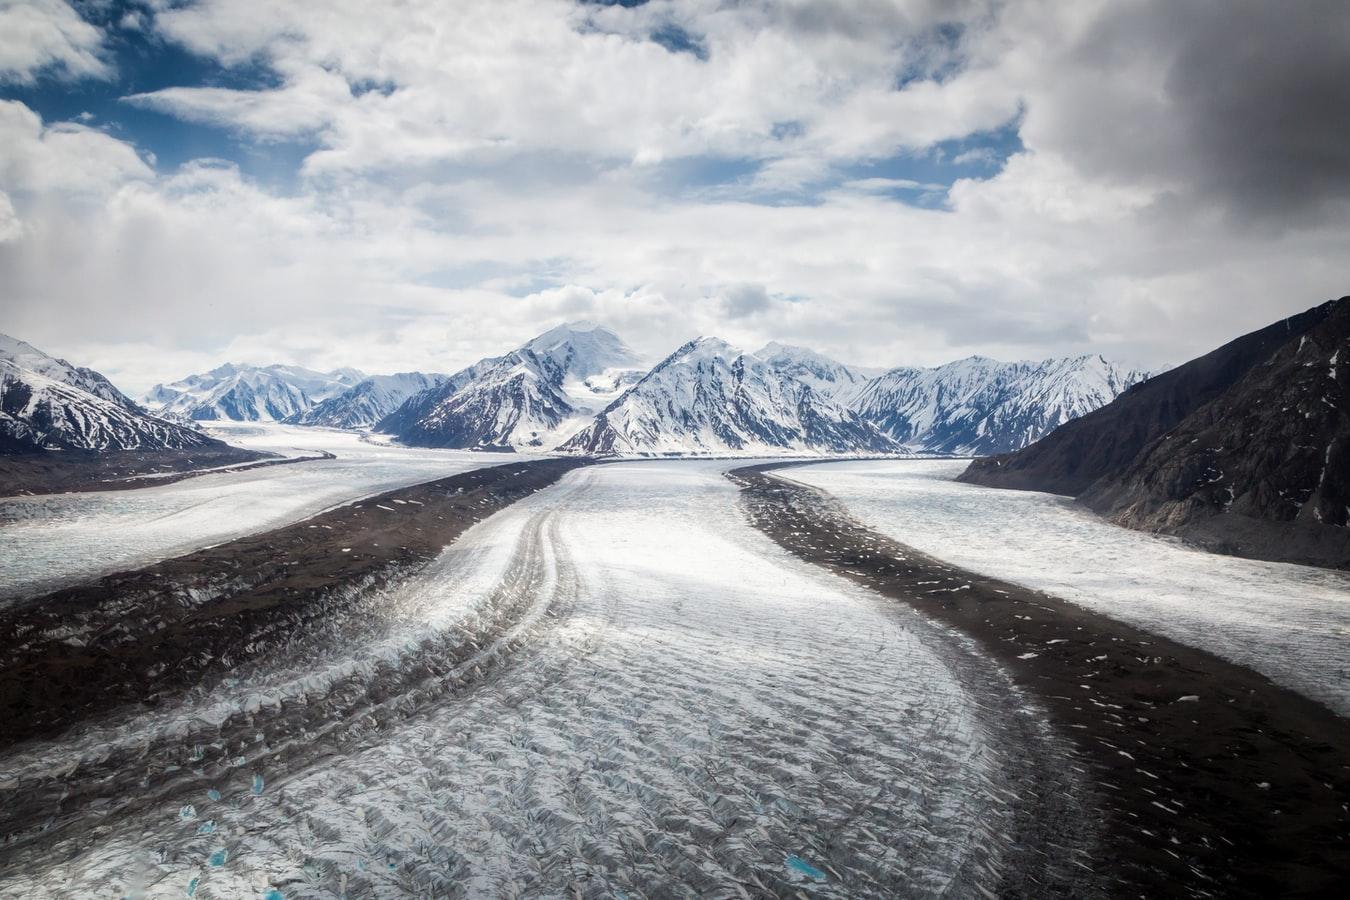 Verenigde-staten-alaska-hubbard-glacier-bergen-sneeuw